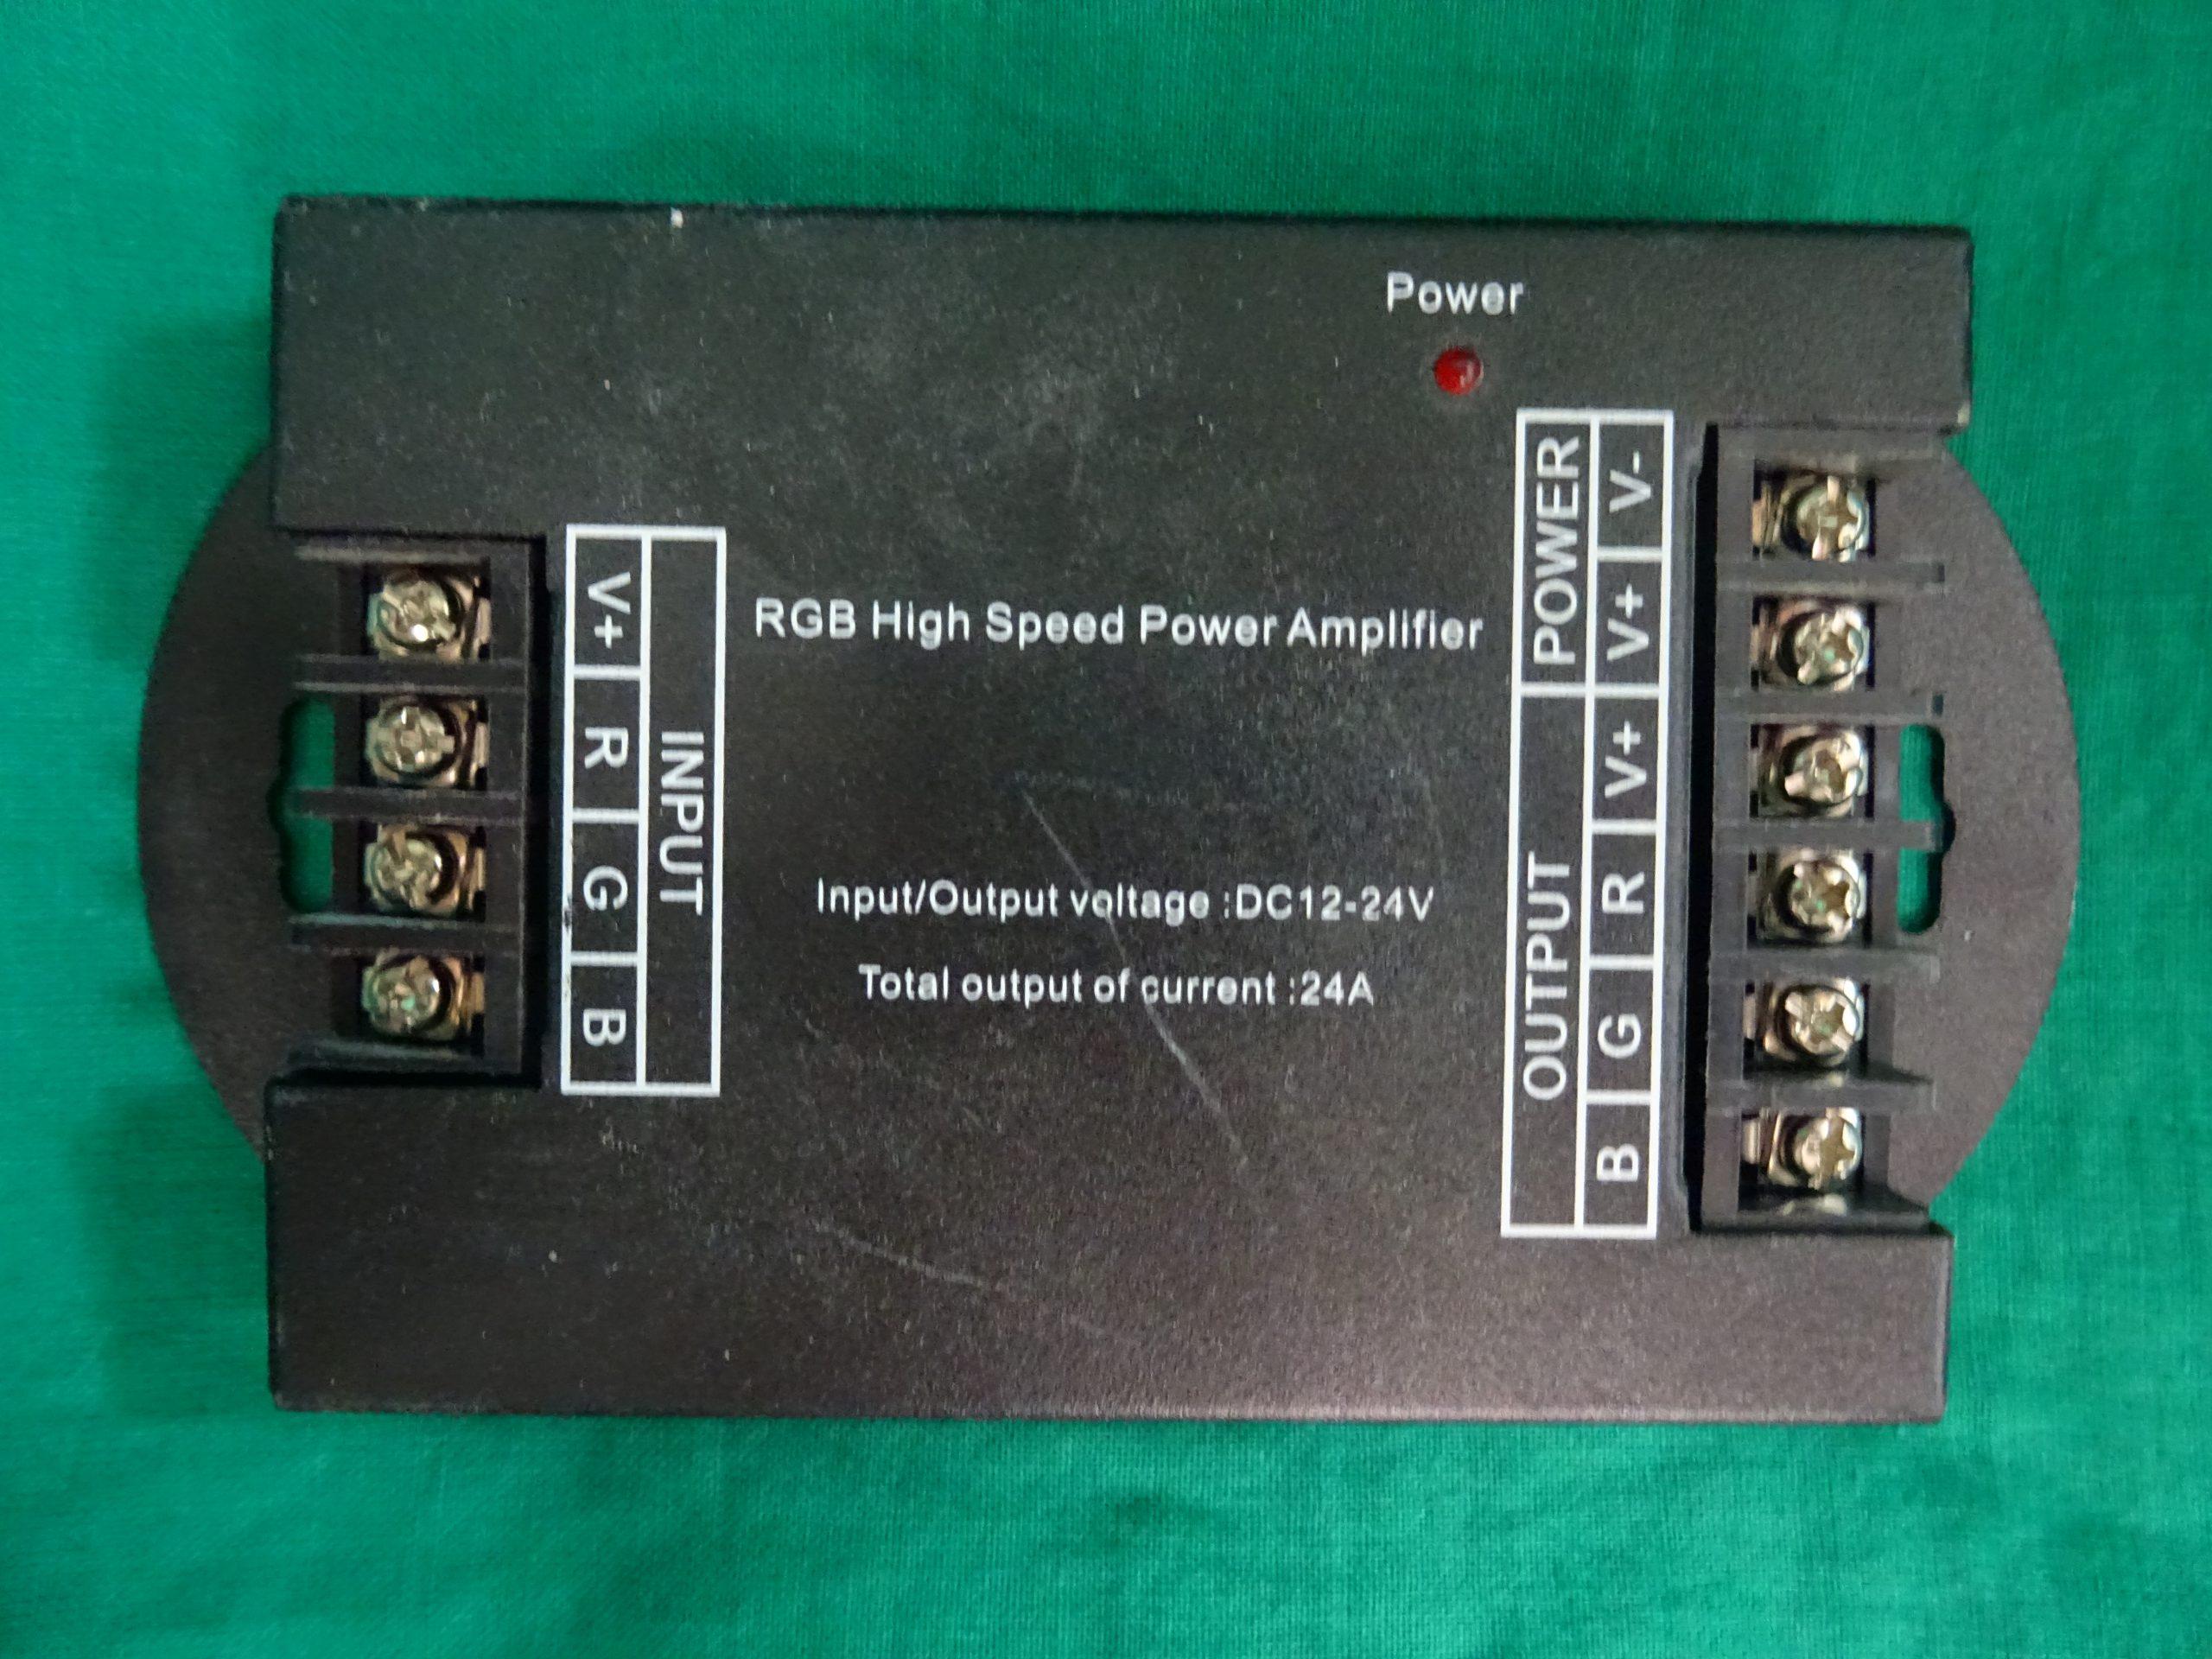 Eladó egy használt RGB nagy sebességű erősítő., kiemelt kép